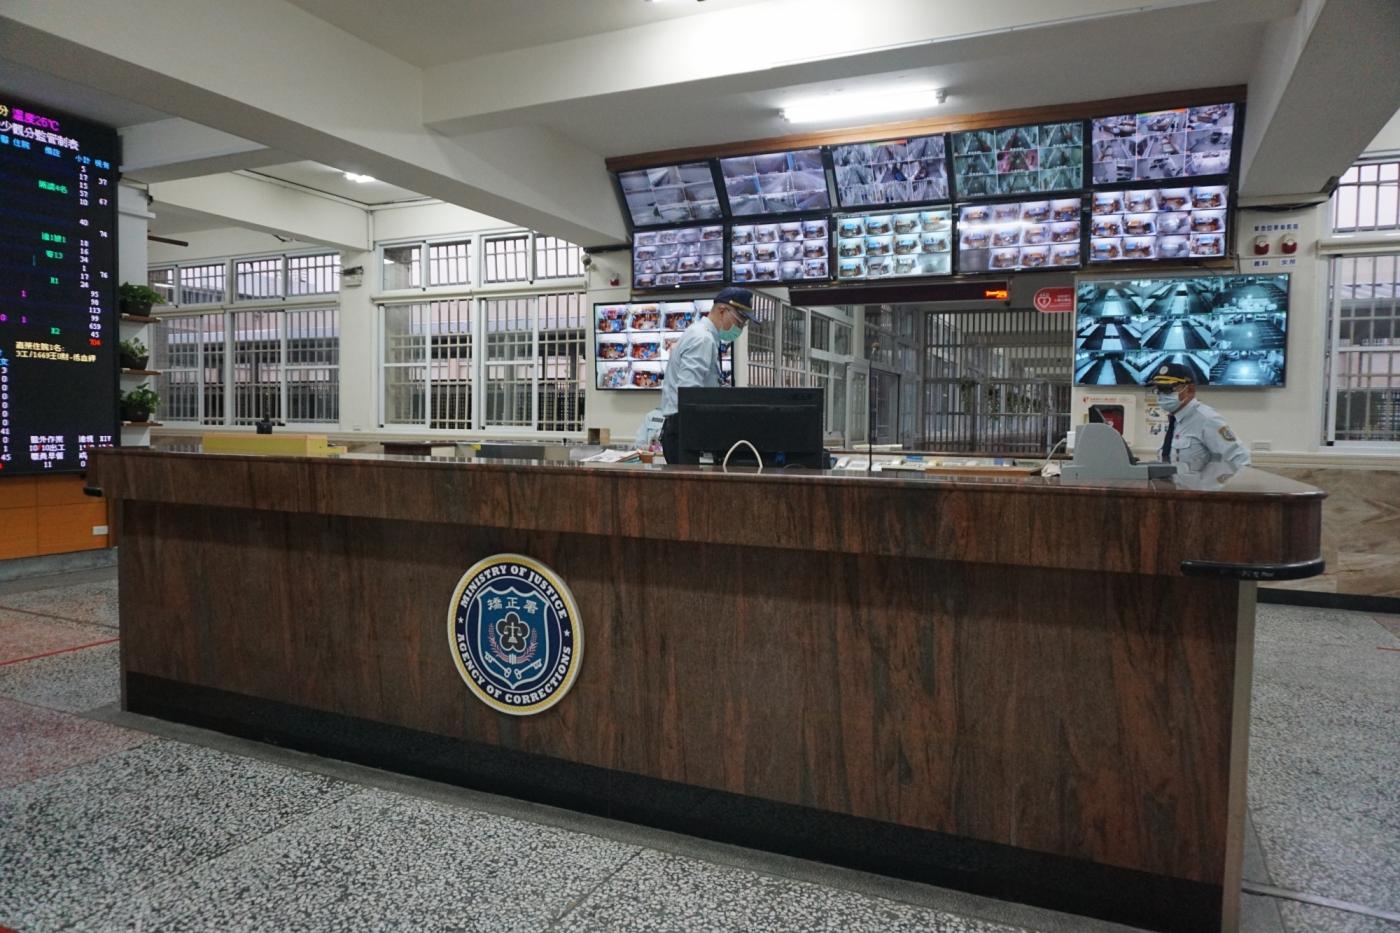 全台第一座「智慧監獄」在嘉義亮相!中華電信、NEC等大廠支援,有哪些創新應用?